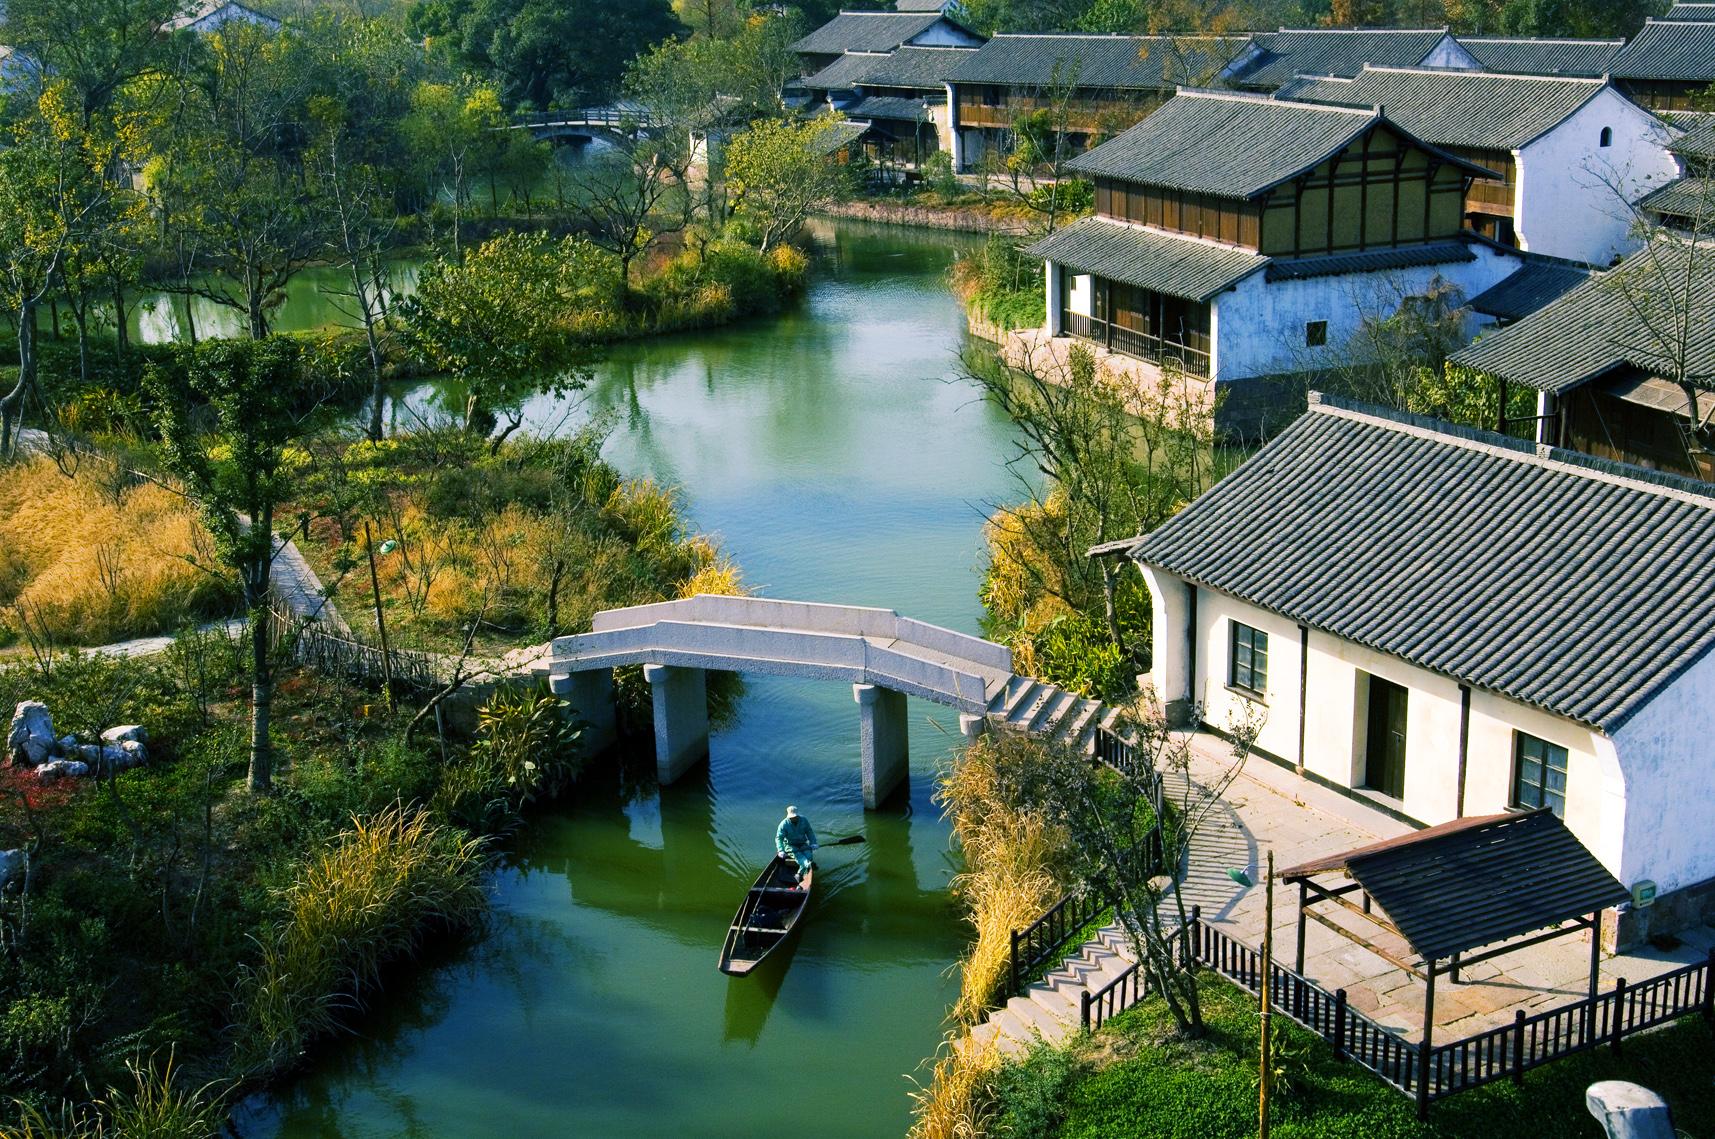 xixi-national-wetland-park-thn%c2%b5%c2%a6%c2%ac5